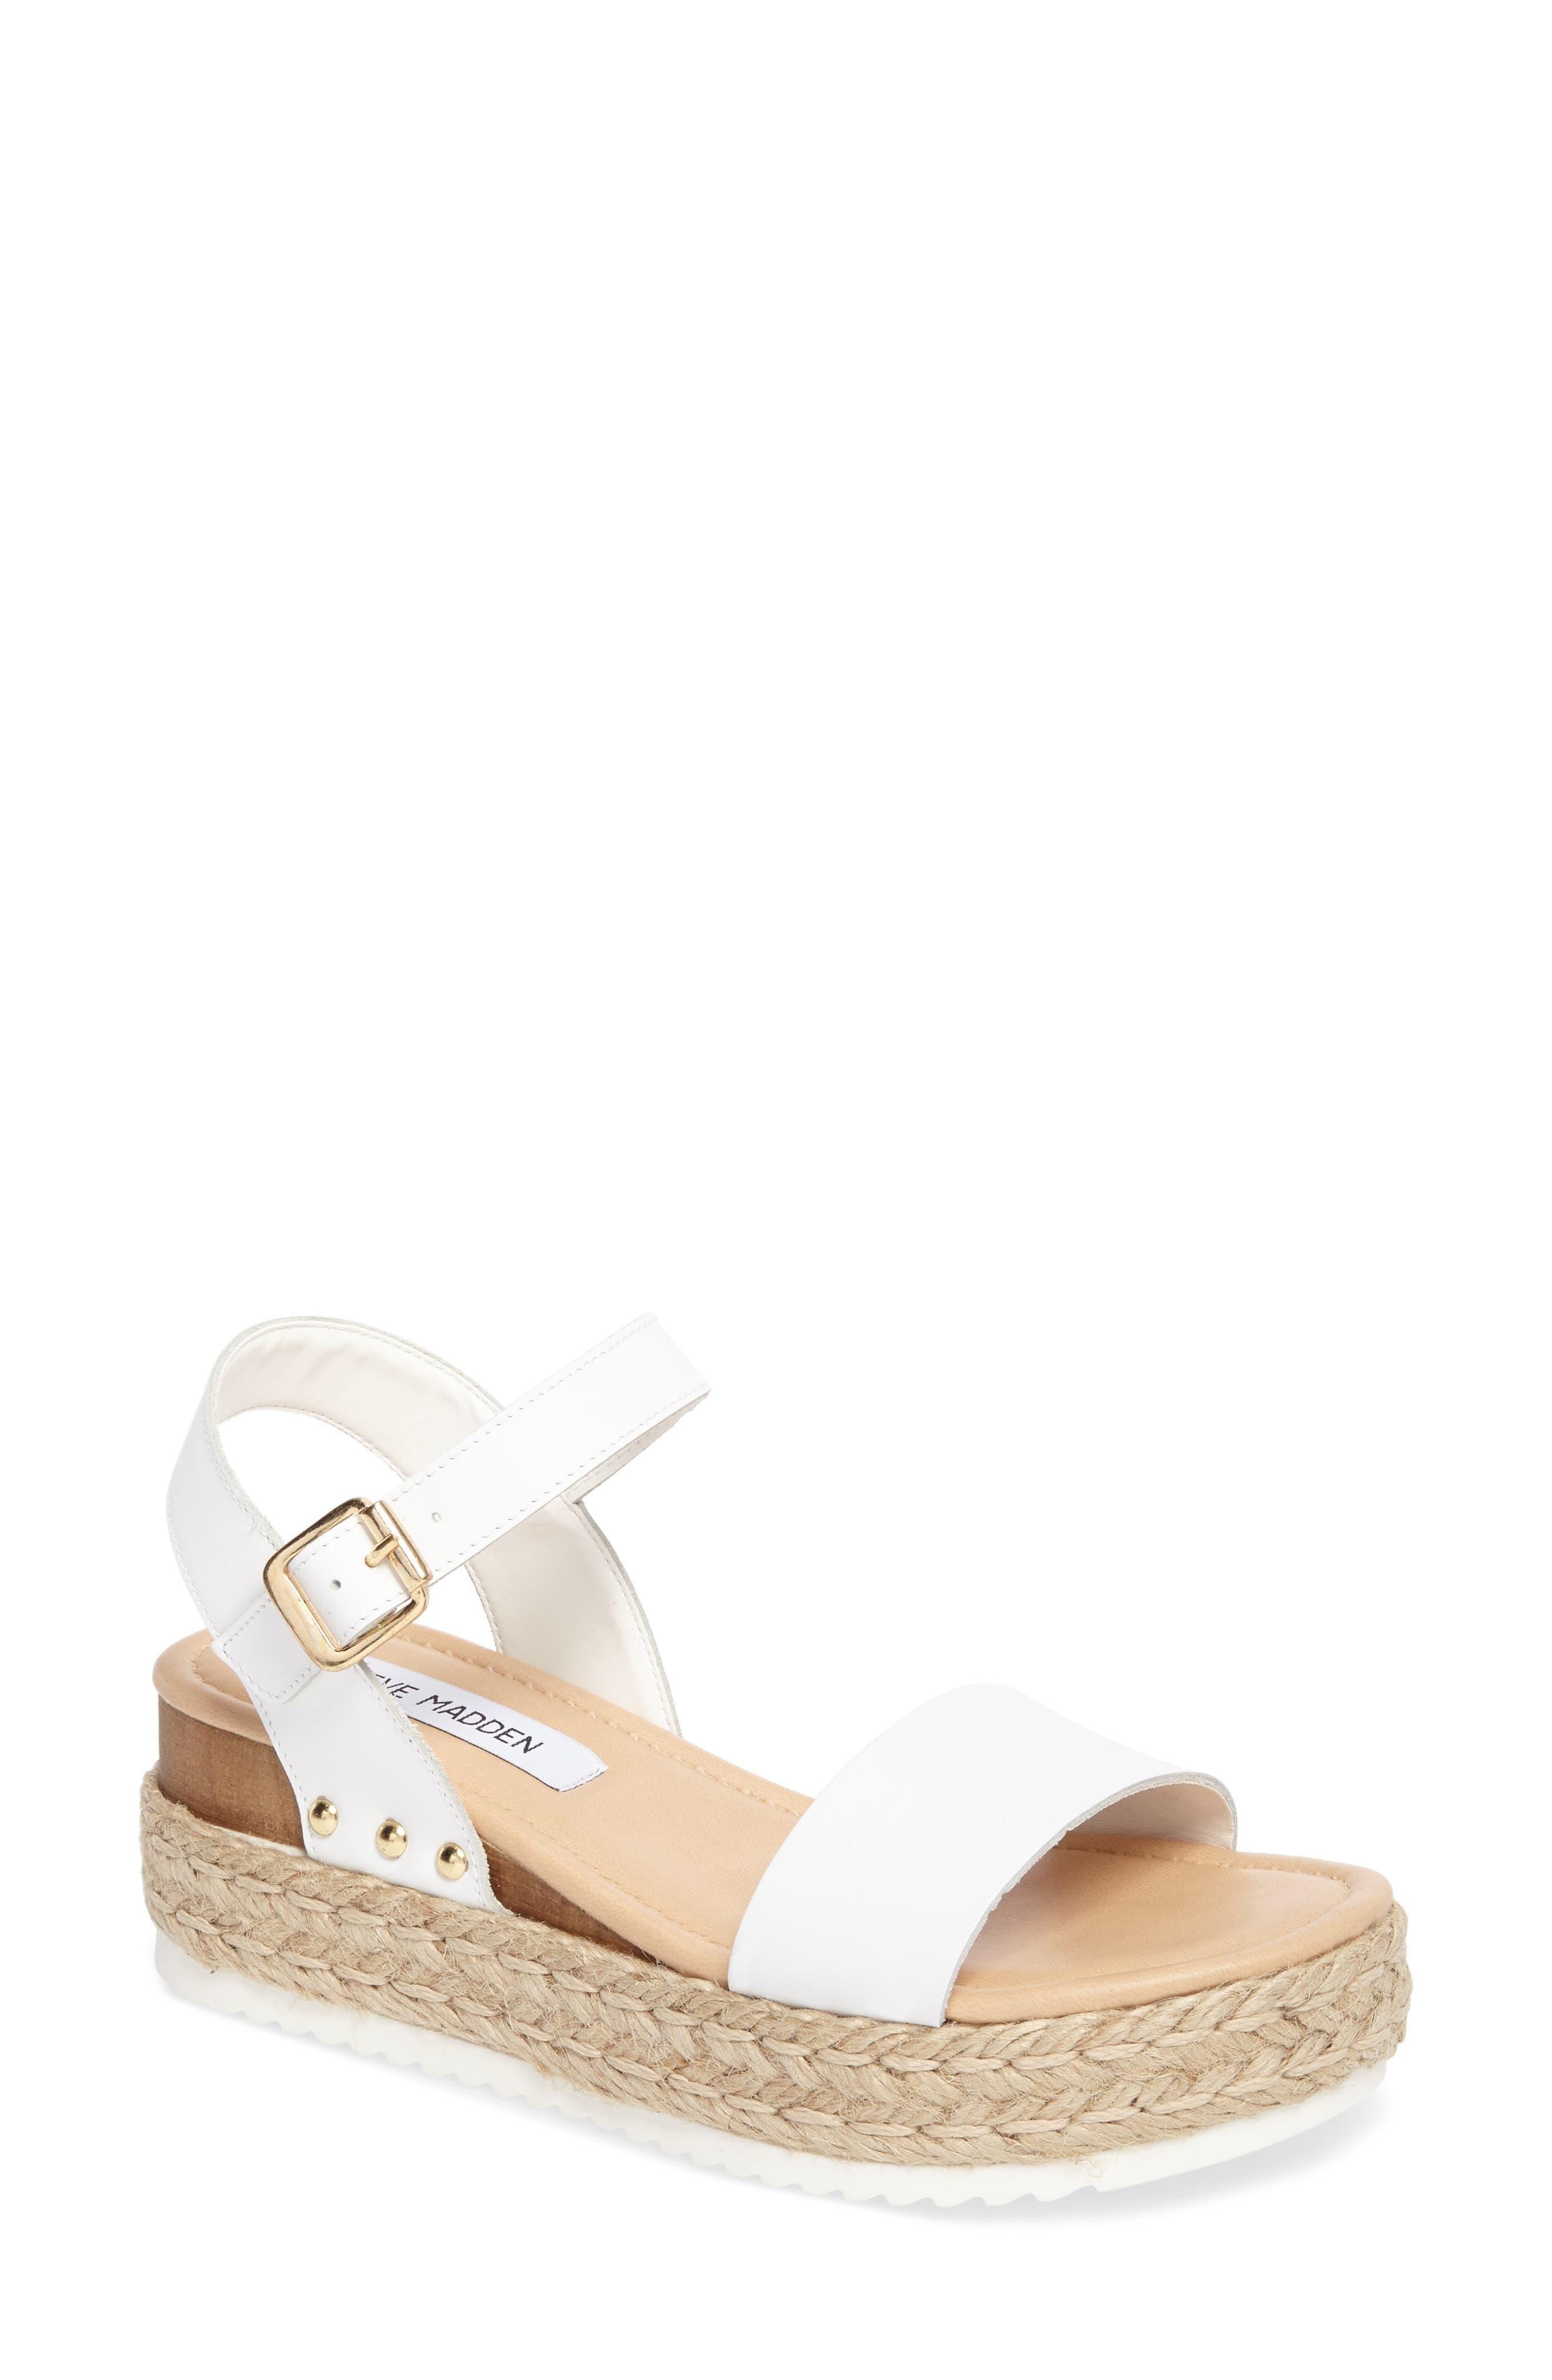 Steve Madden Chiara Platform Espadrille Sandal (Women)